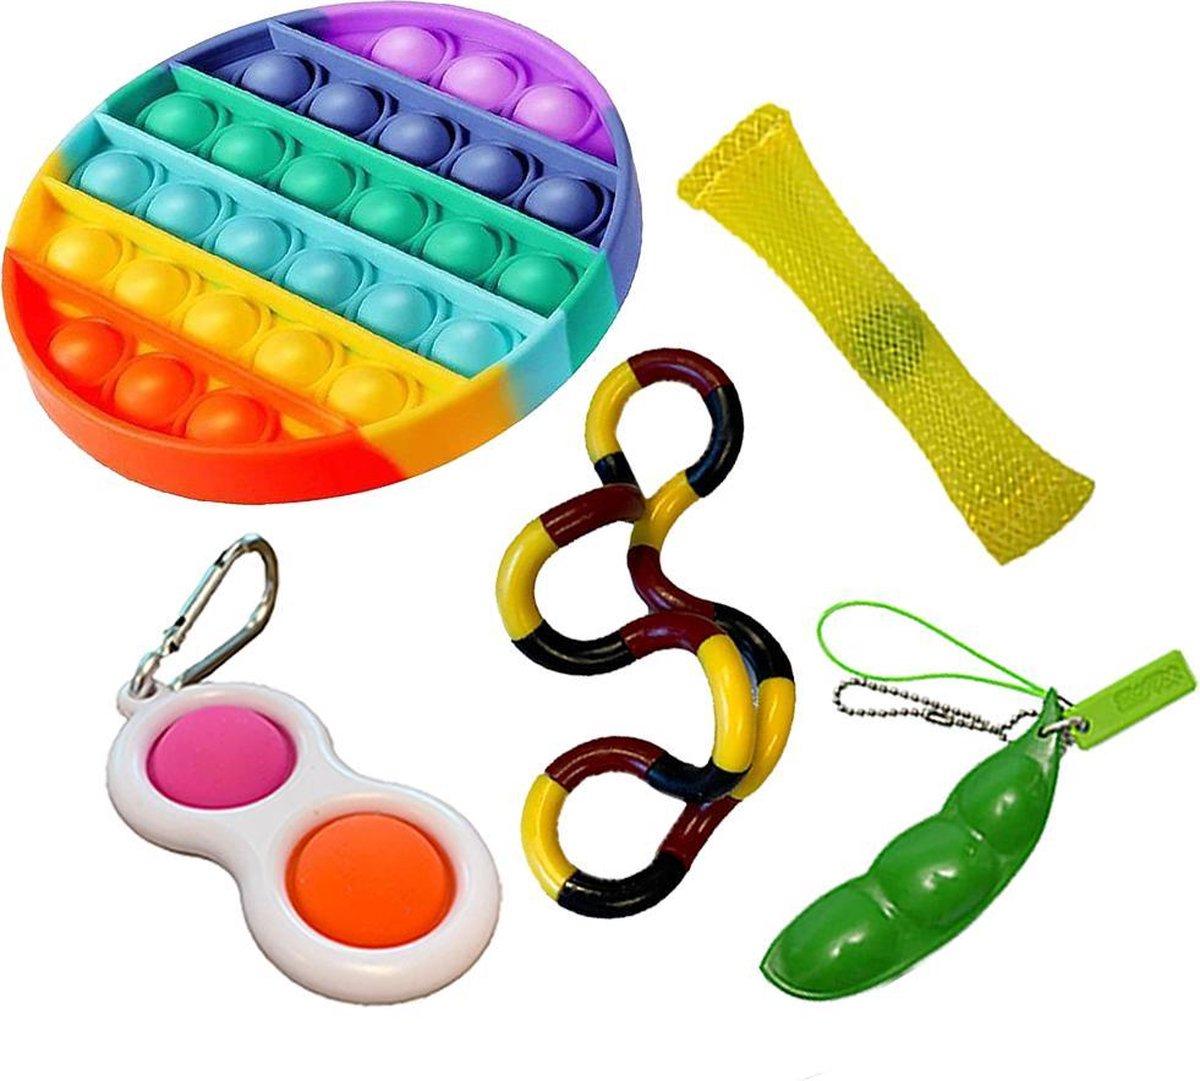 Pop it Fidget toys pakket set - Pop it - Pop All Up  - 5 Delig - Simple dimple - Pea popper - Mesh-a